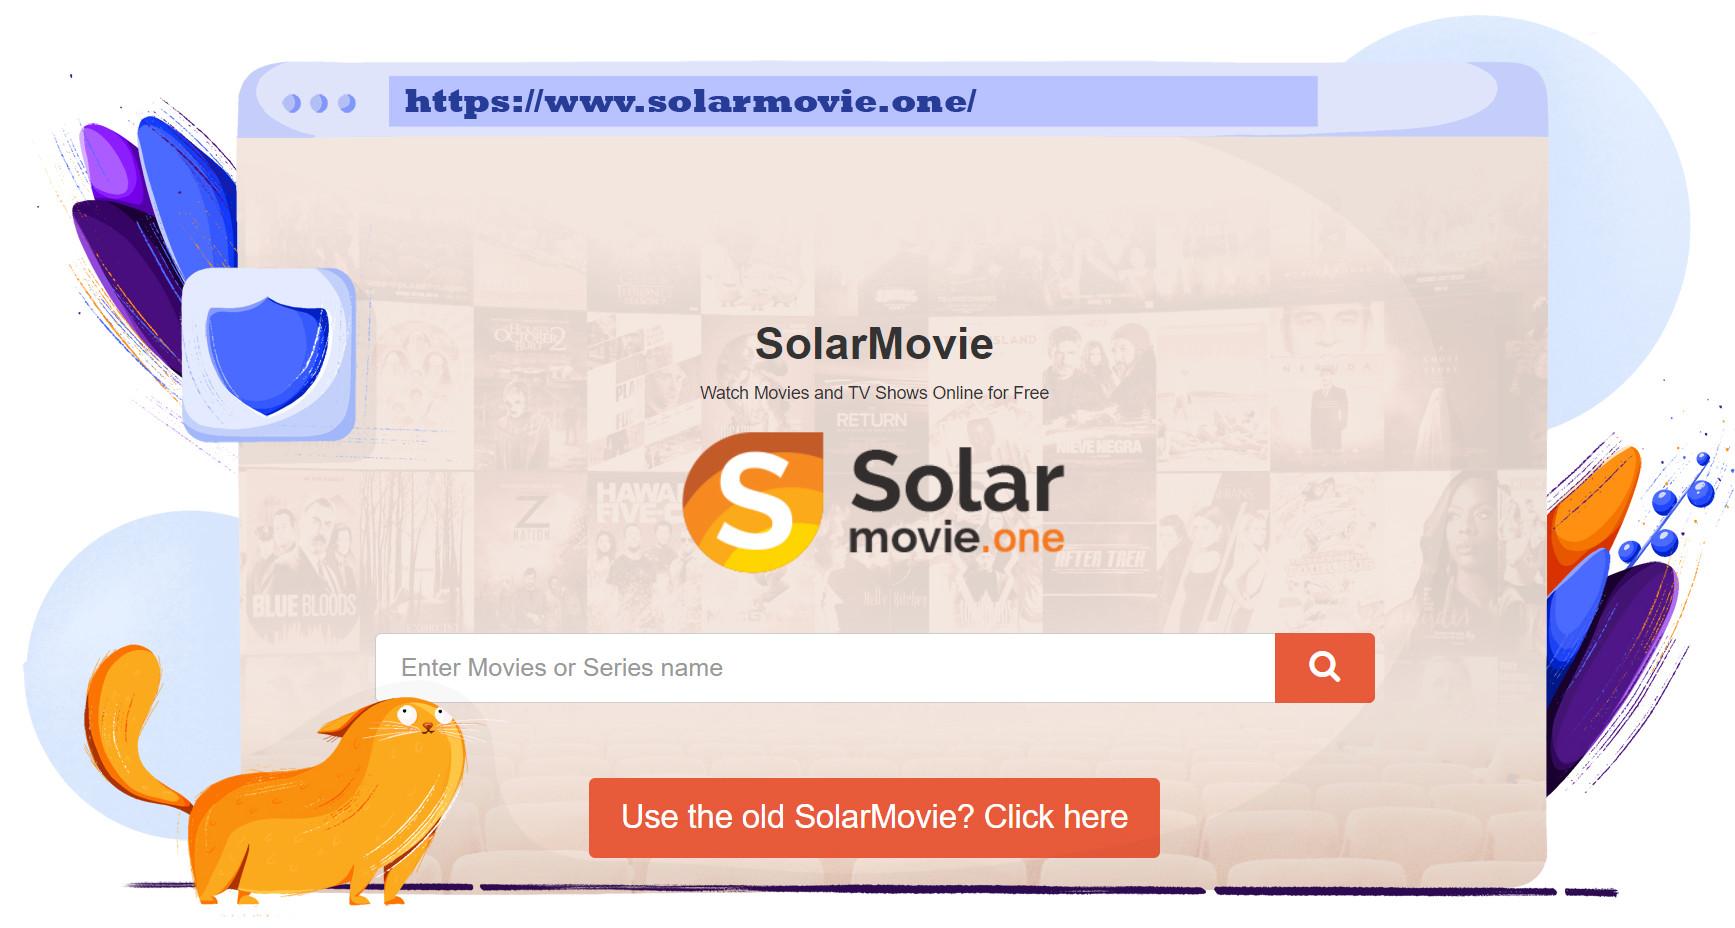 Regisztrálj a Solarmovies-nál, hogy ingyenesen streamelhess filmeket